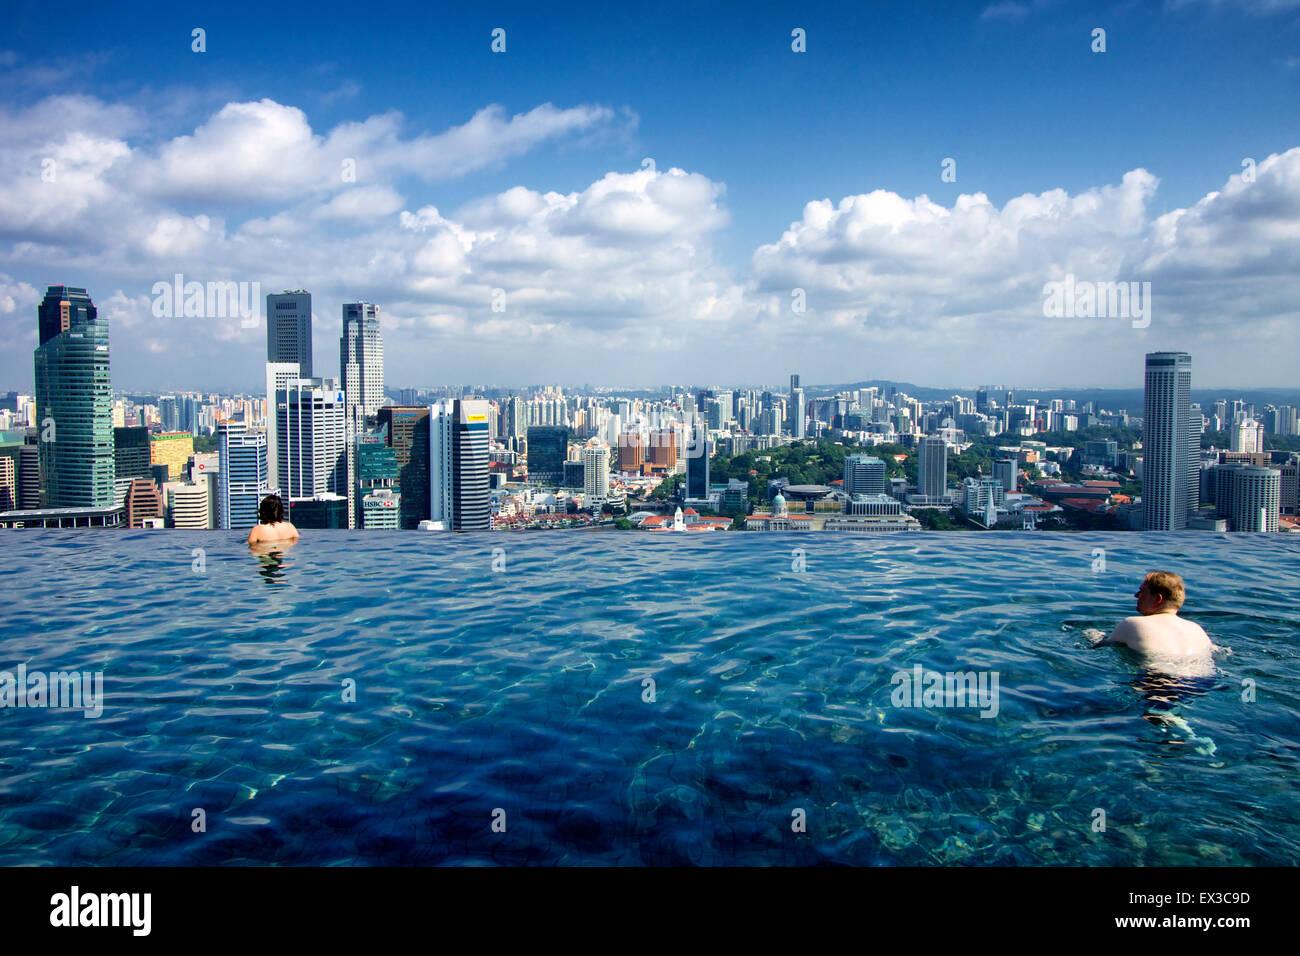 Swimming at marina bay sands infinity pool and enjoying - Marina bay sands infinity pool ...